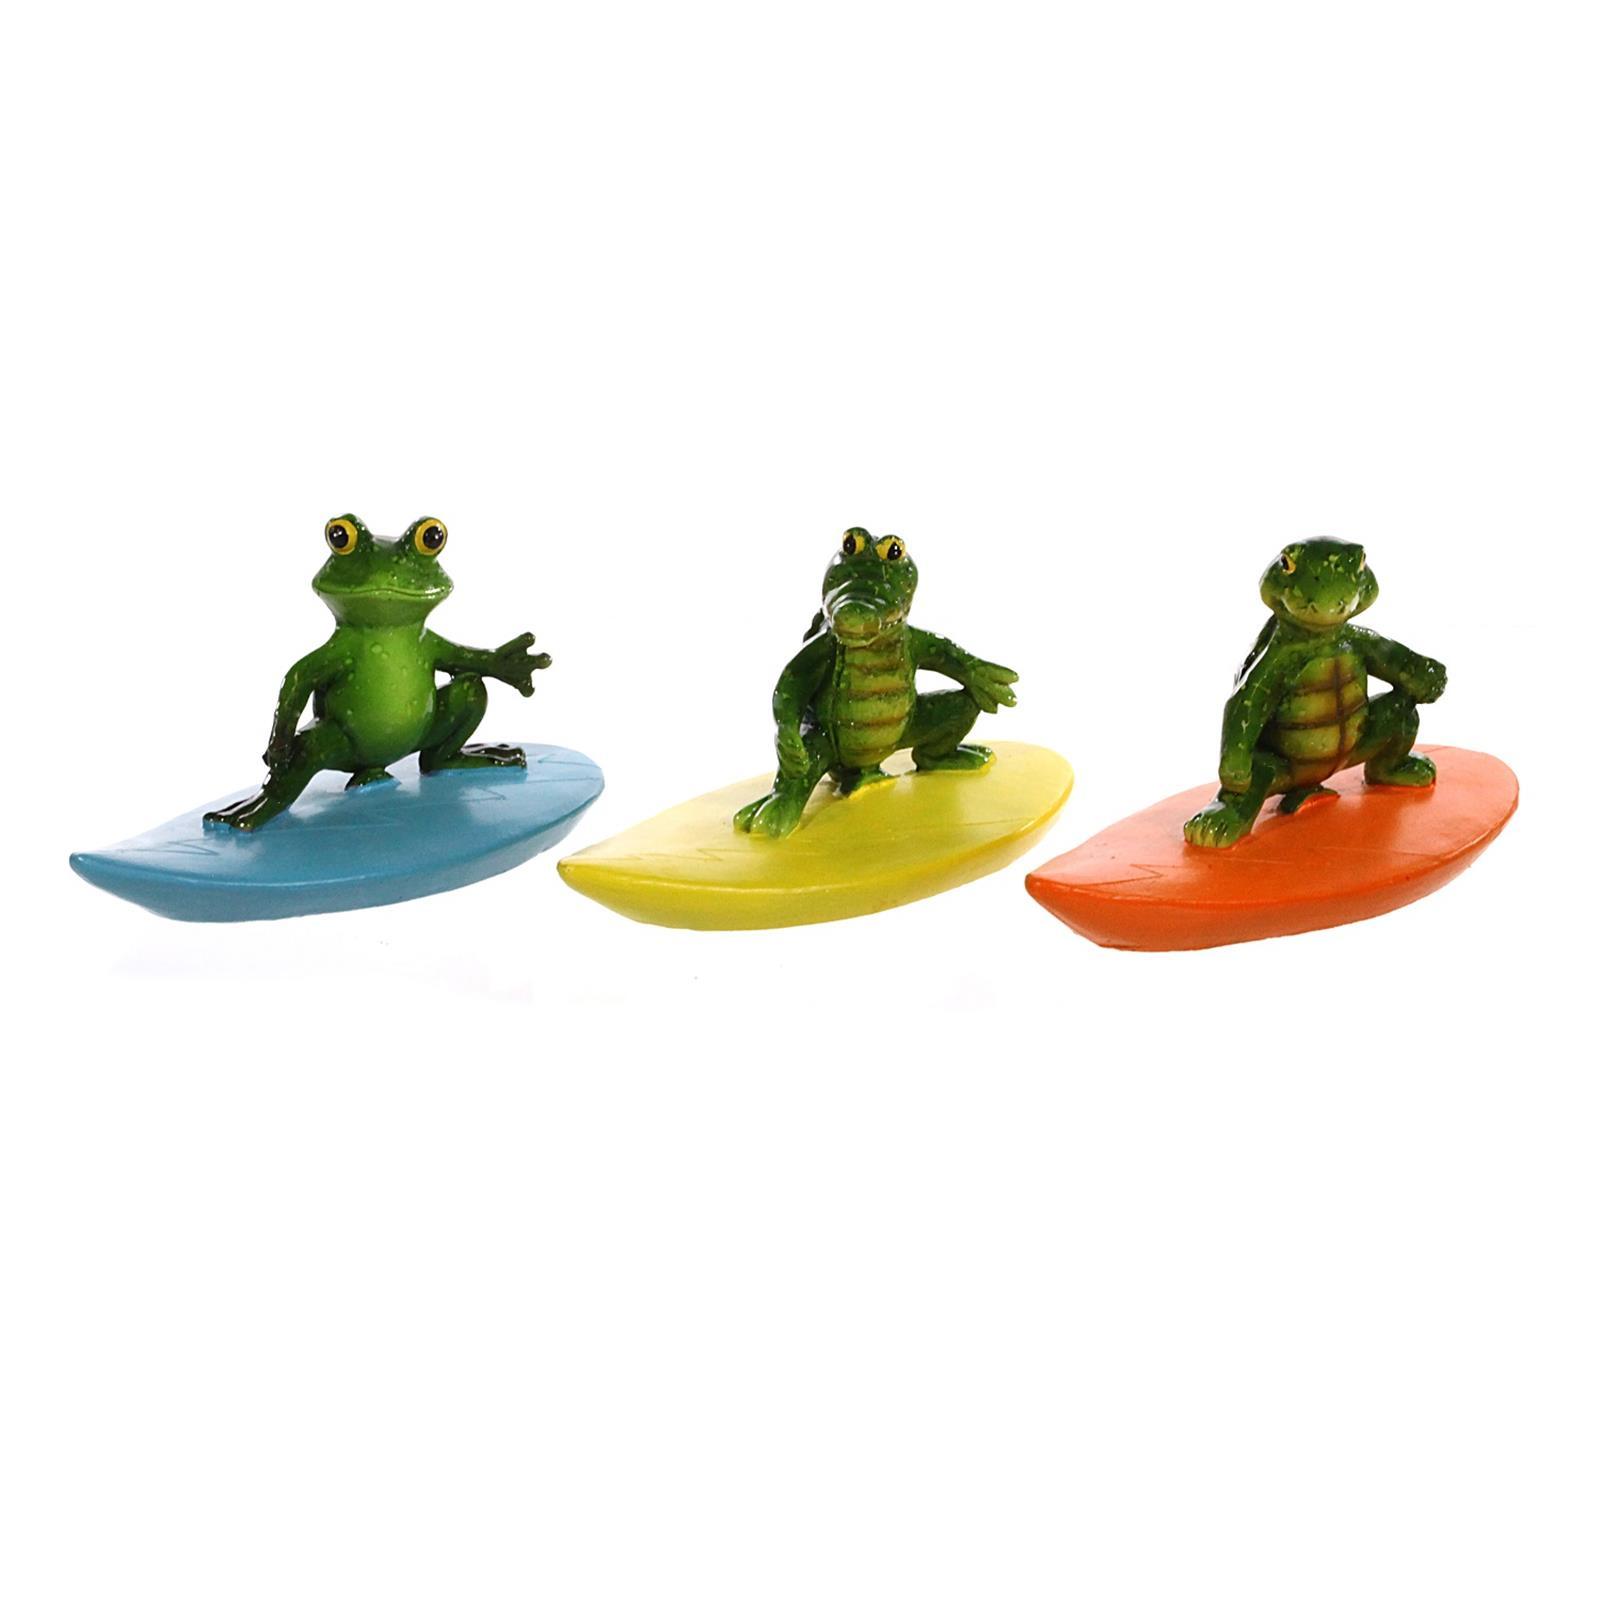 3 Teichfiguren